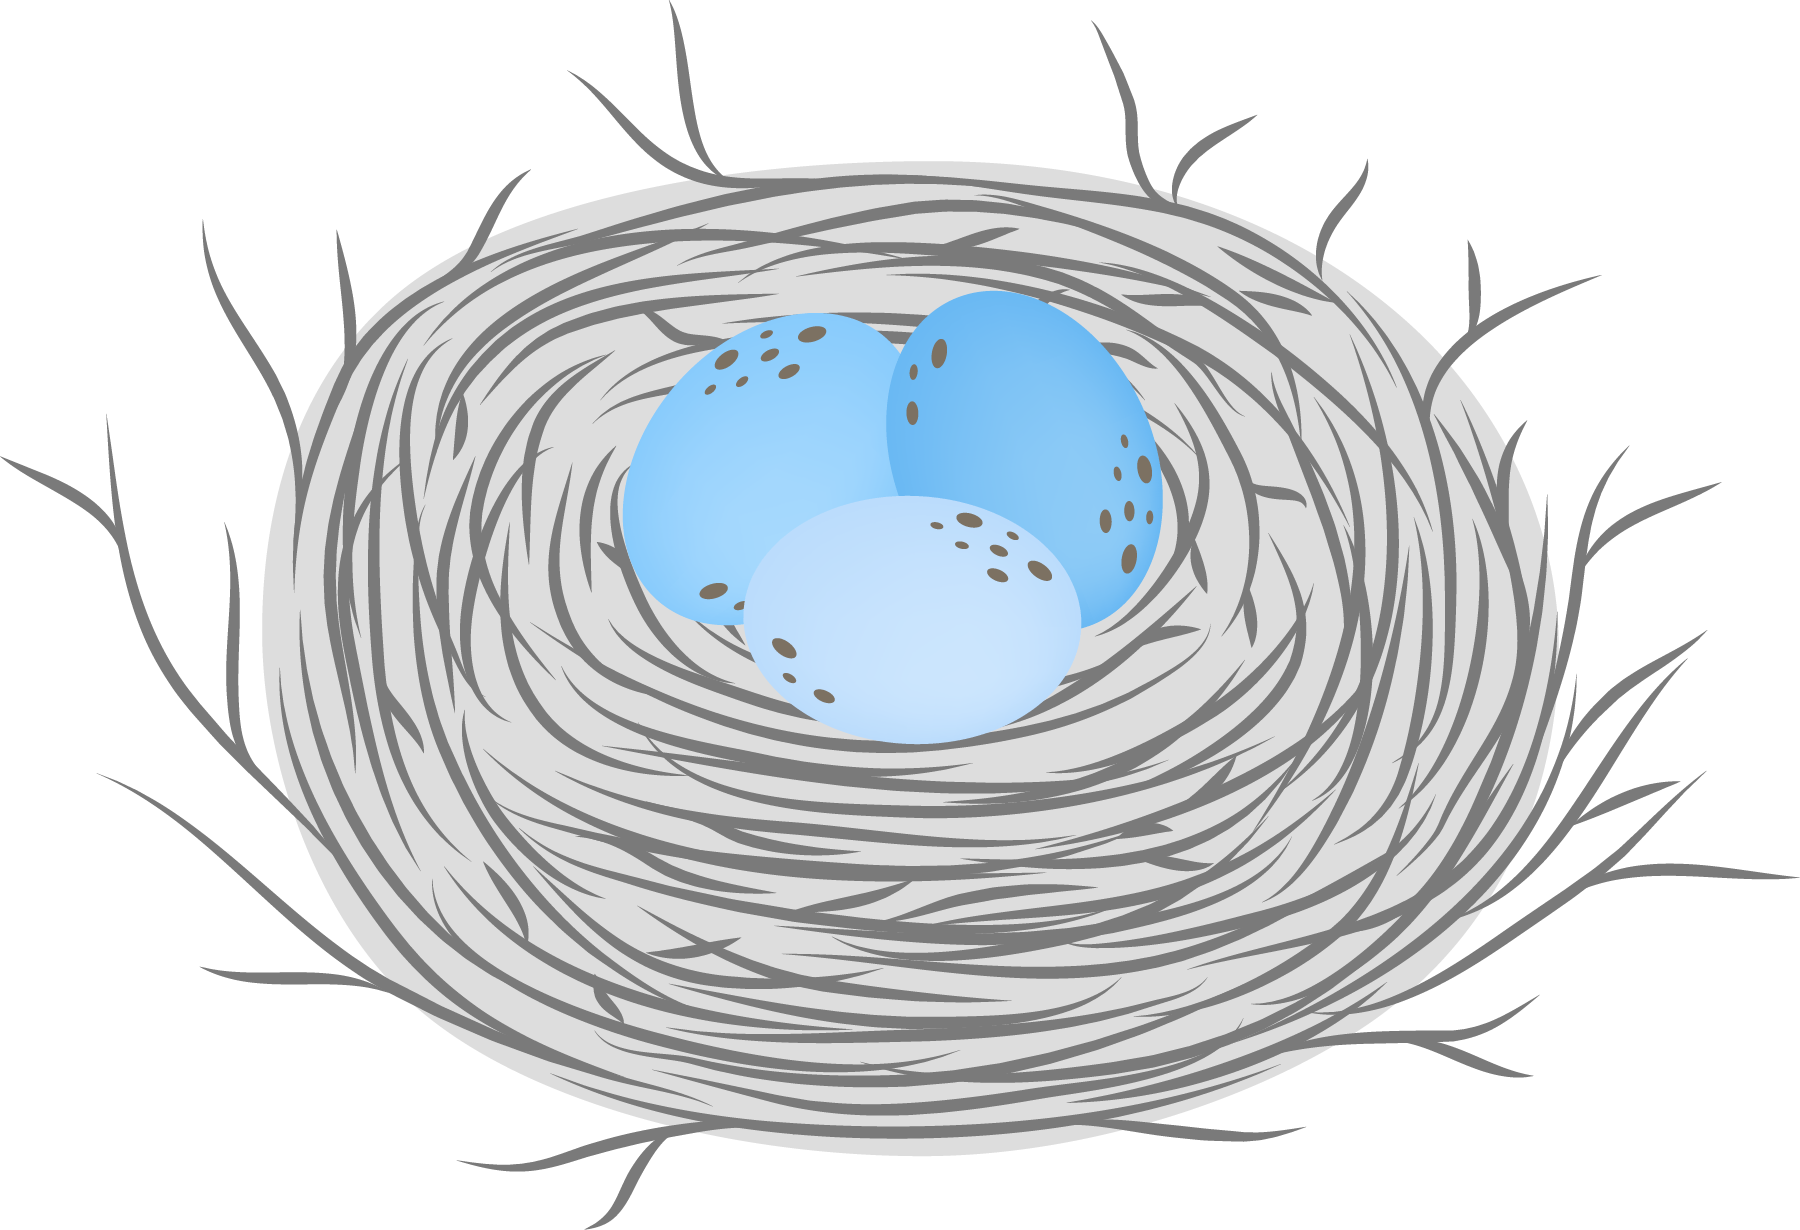 Sweetie's Nest